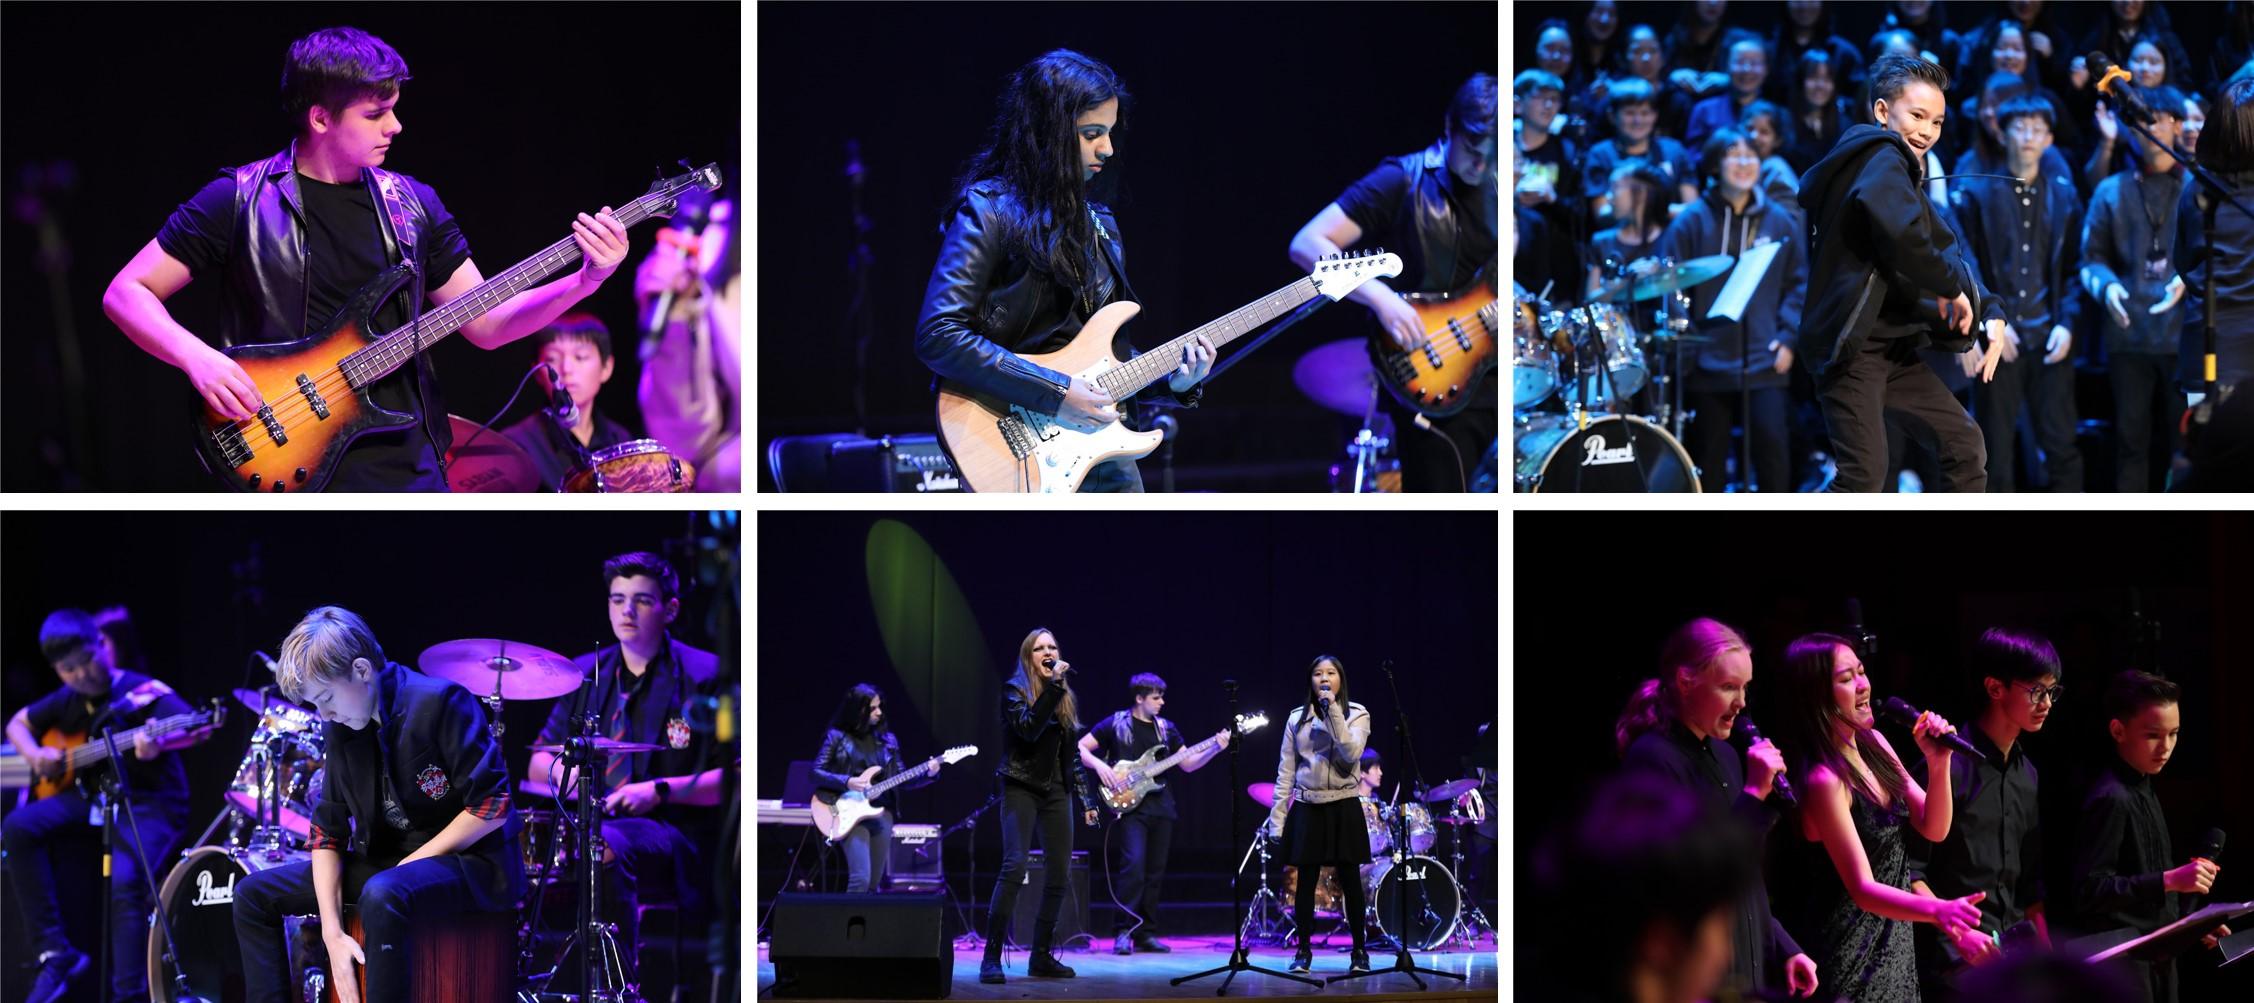 dfm-at-dcb-2019-shows-北京德威英国国际学校